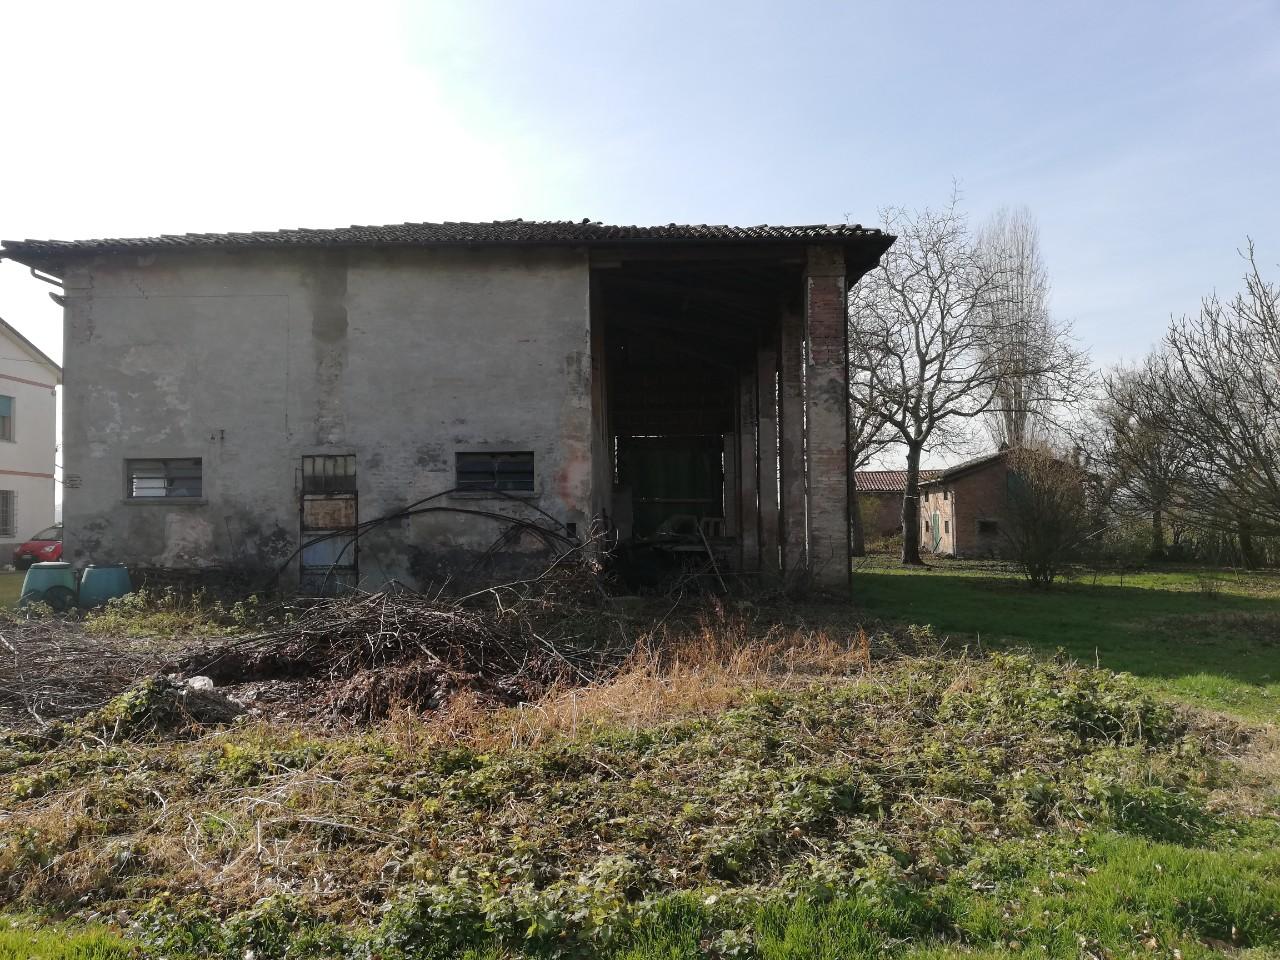 Vendita podere (casa + terreno), Castel Maggiore